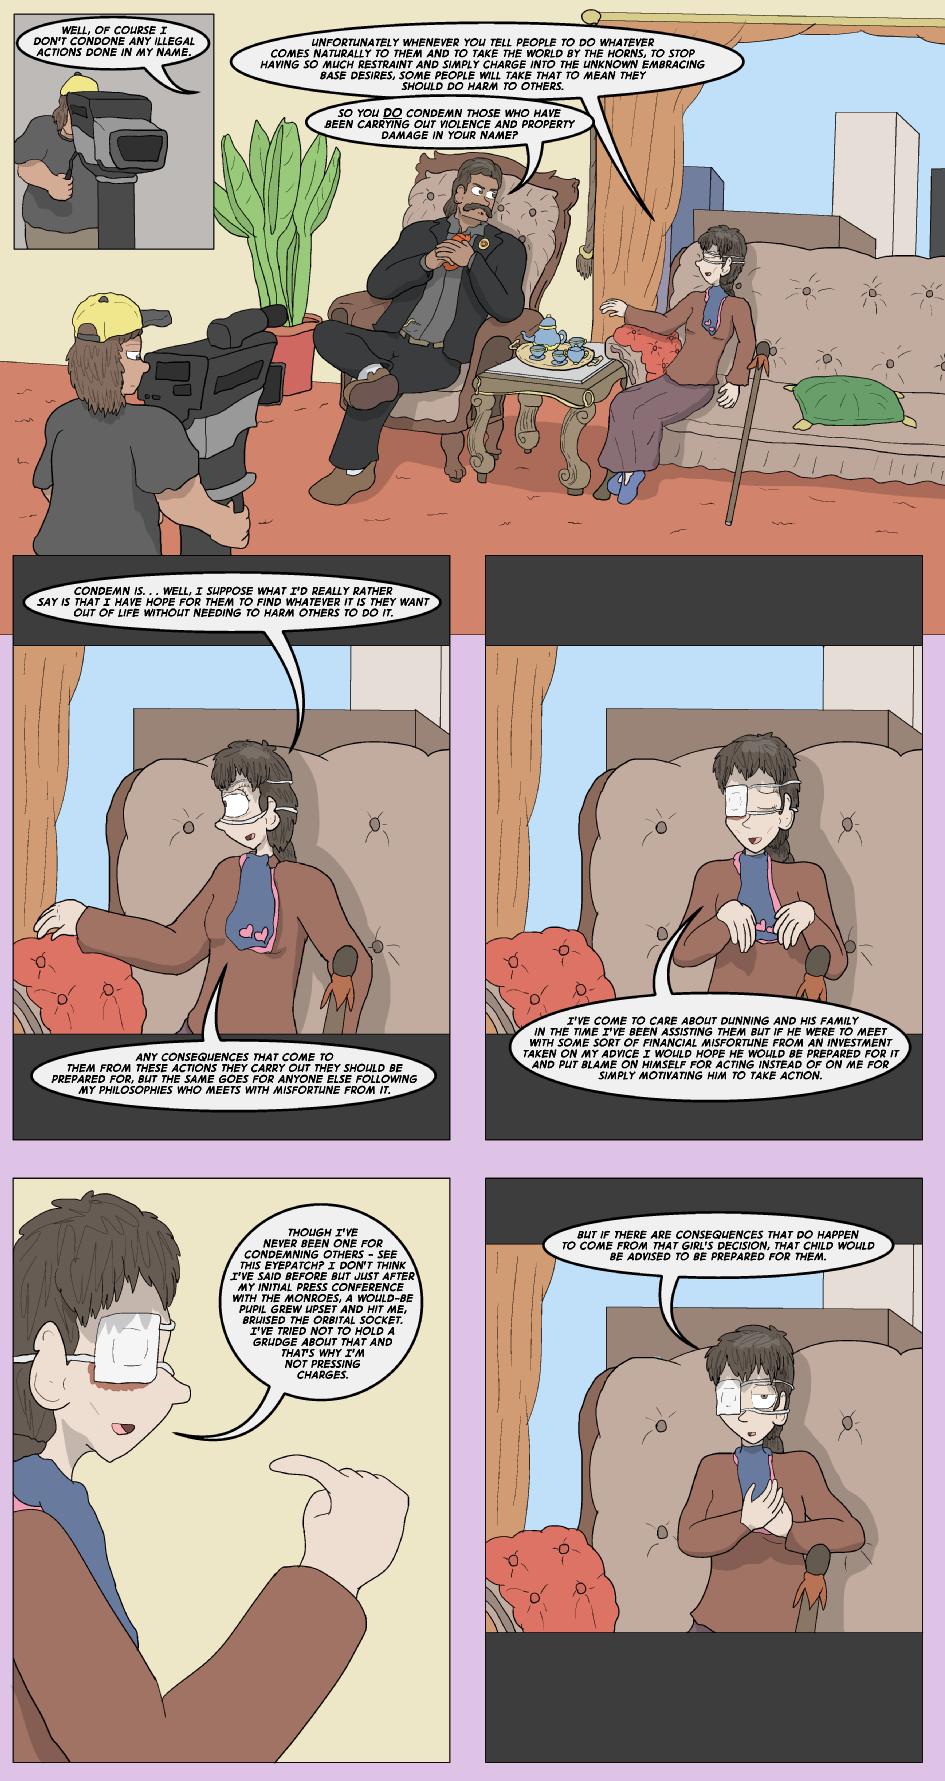 Key, Page 2